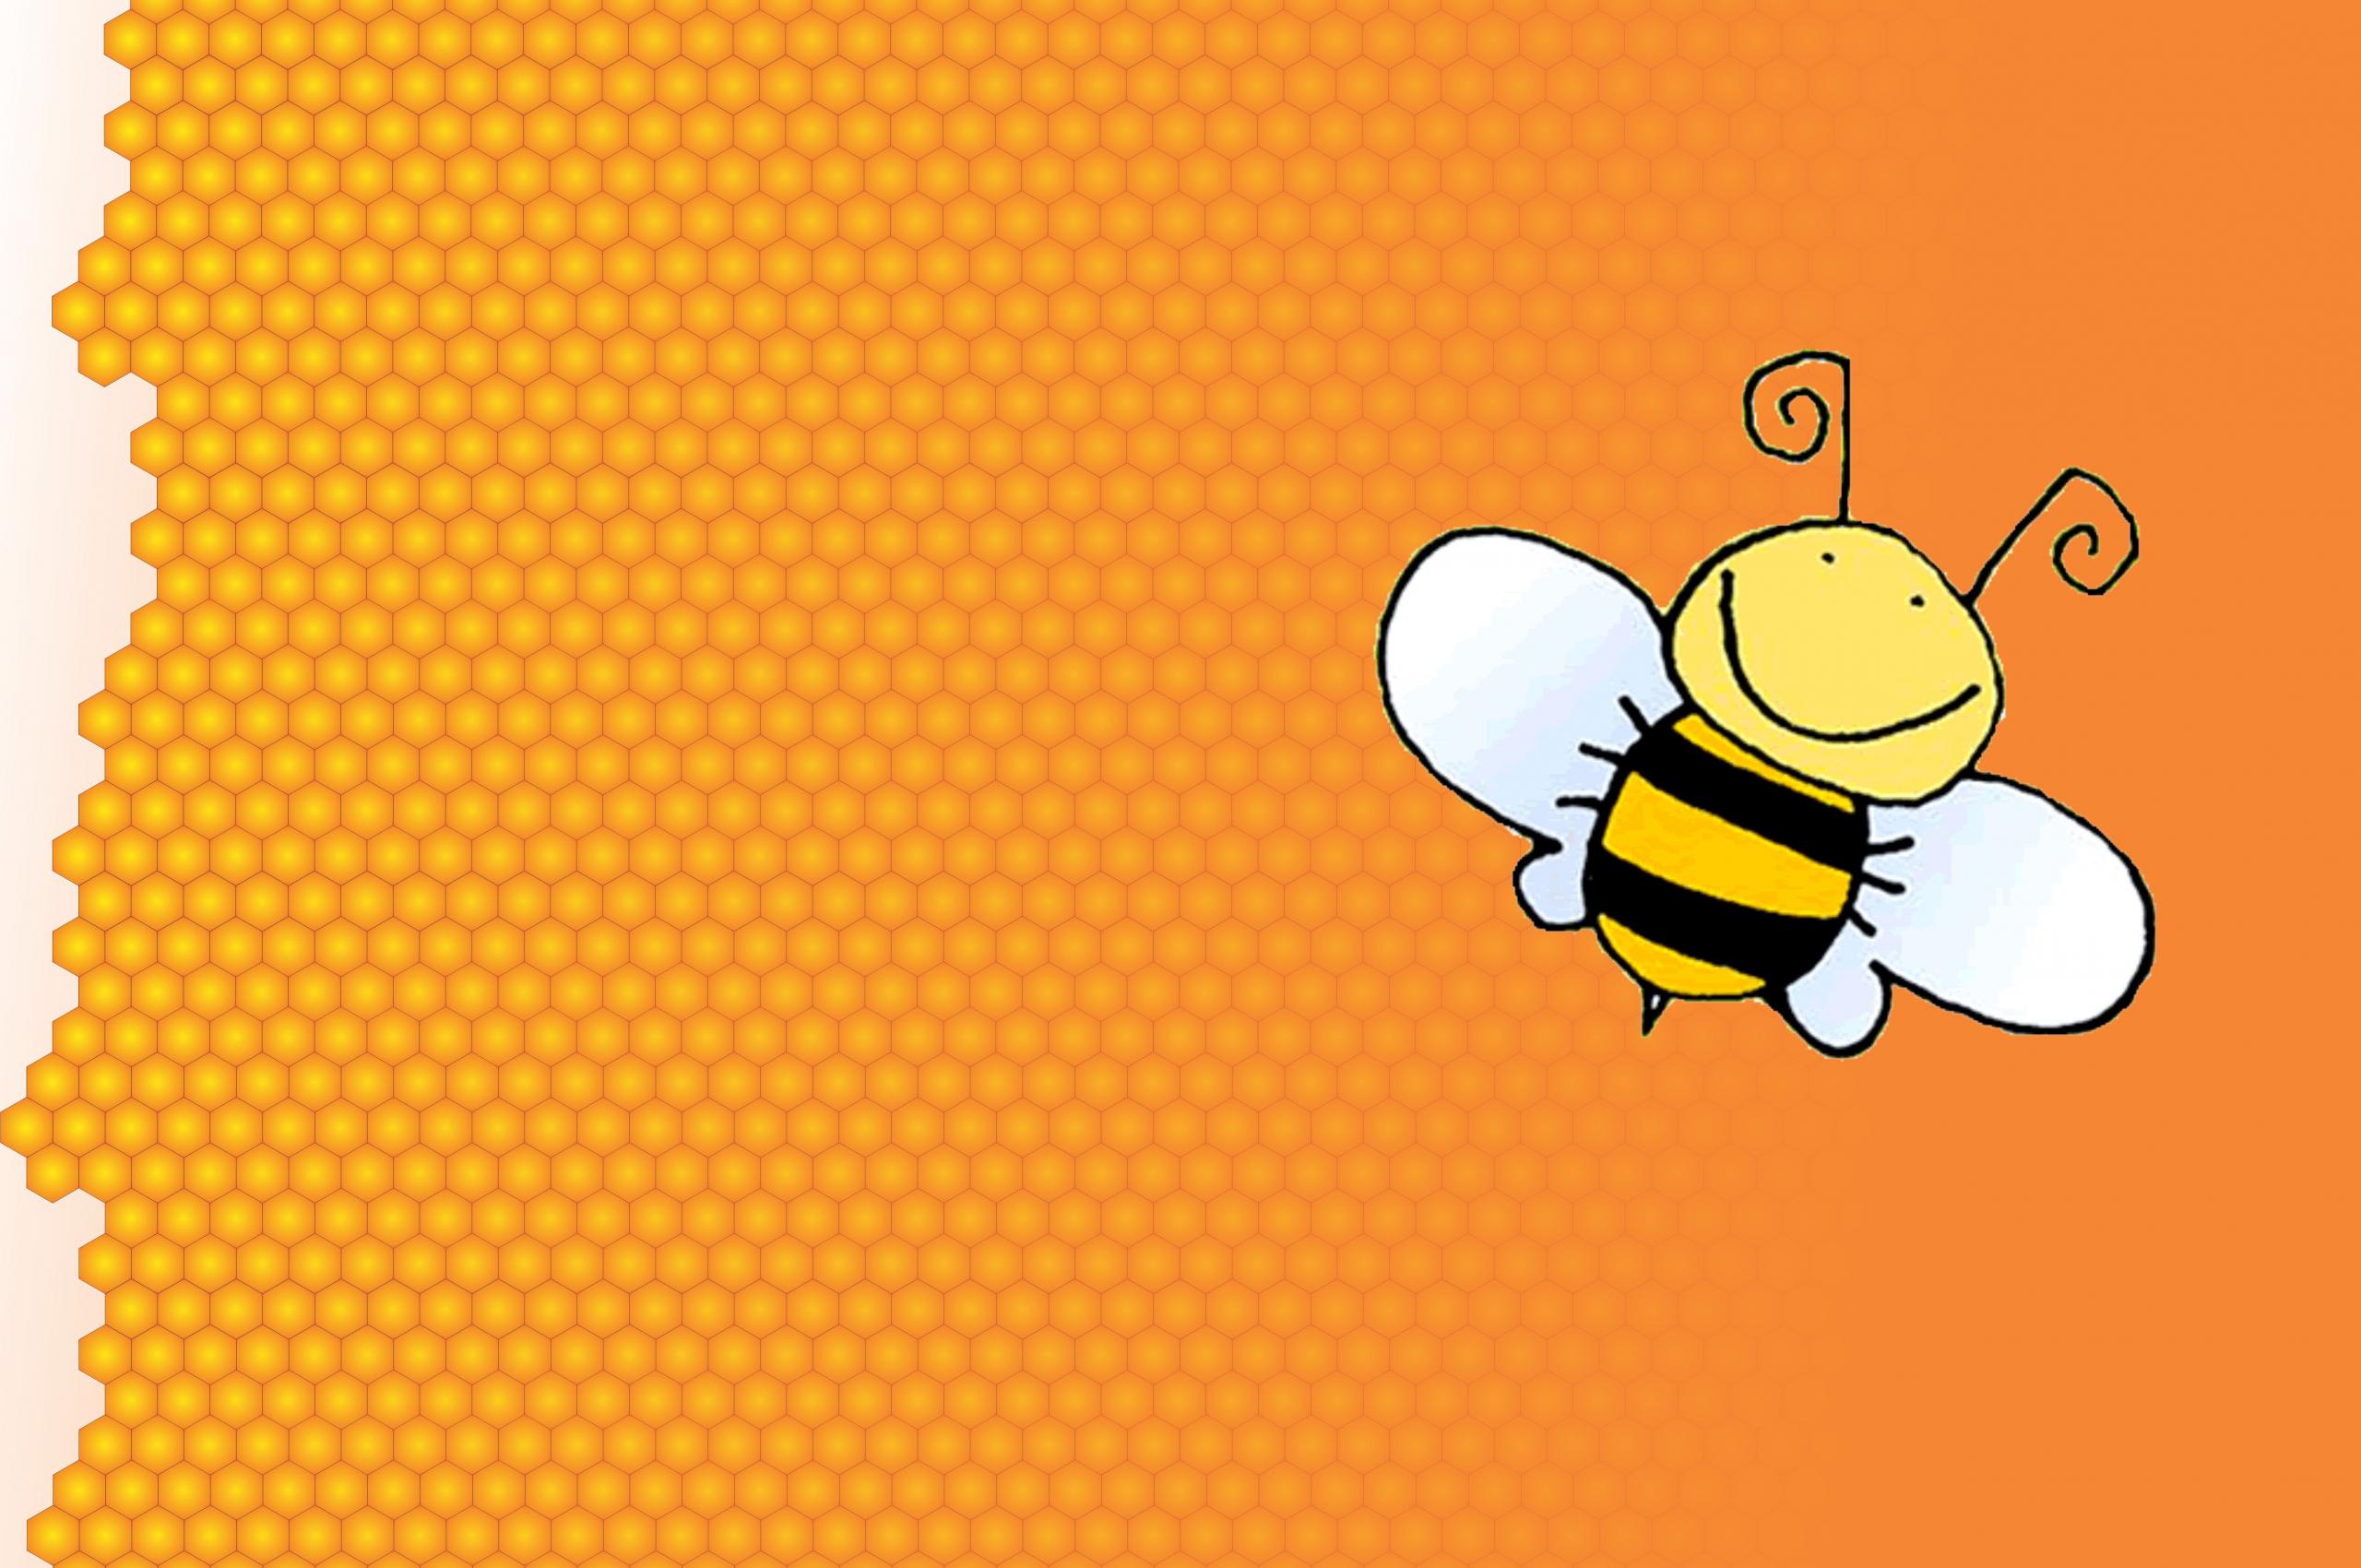 фото обои и картинки пчелка матчи всегда собирают